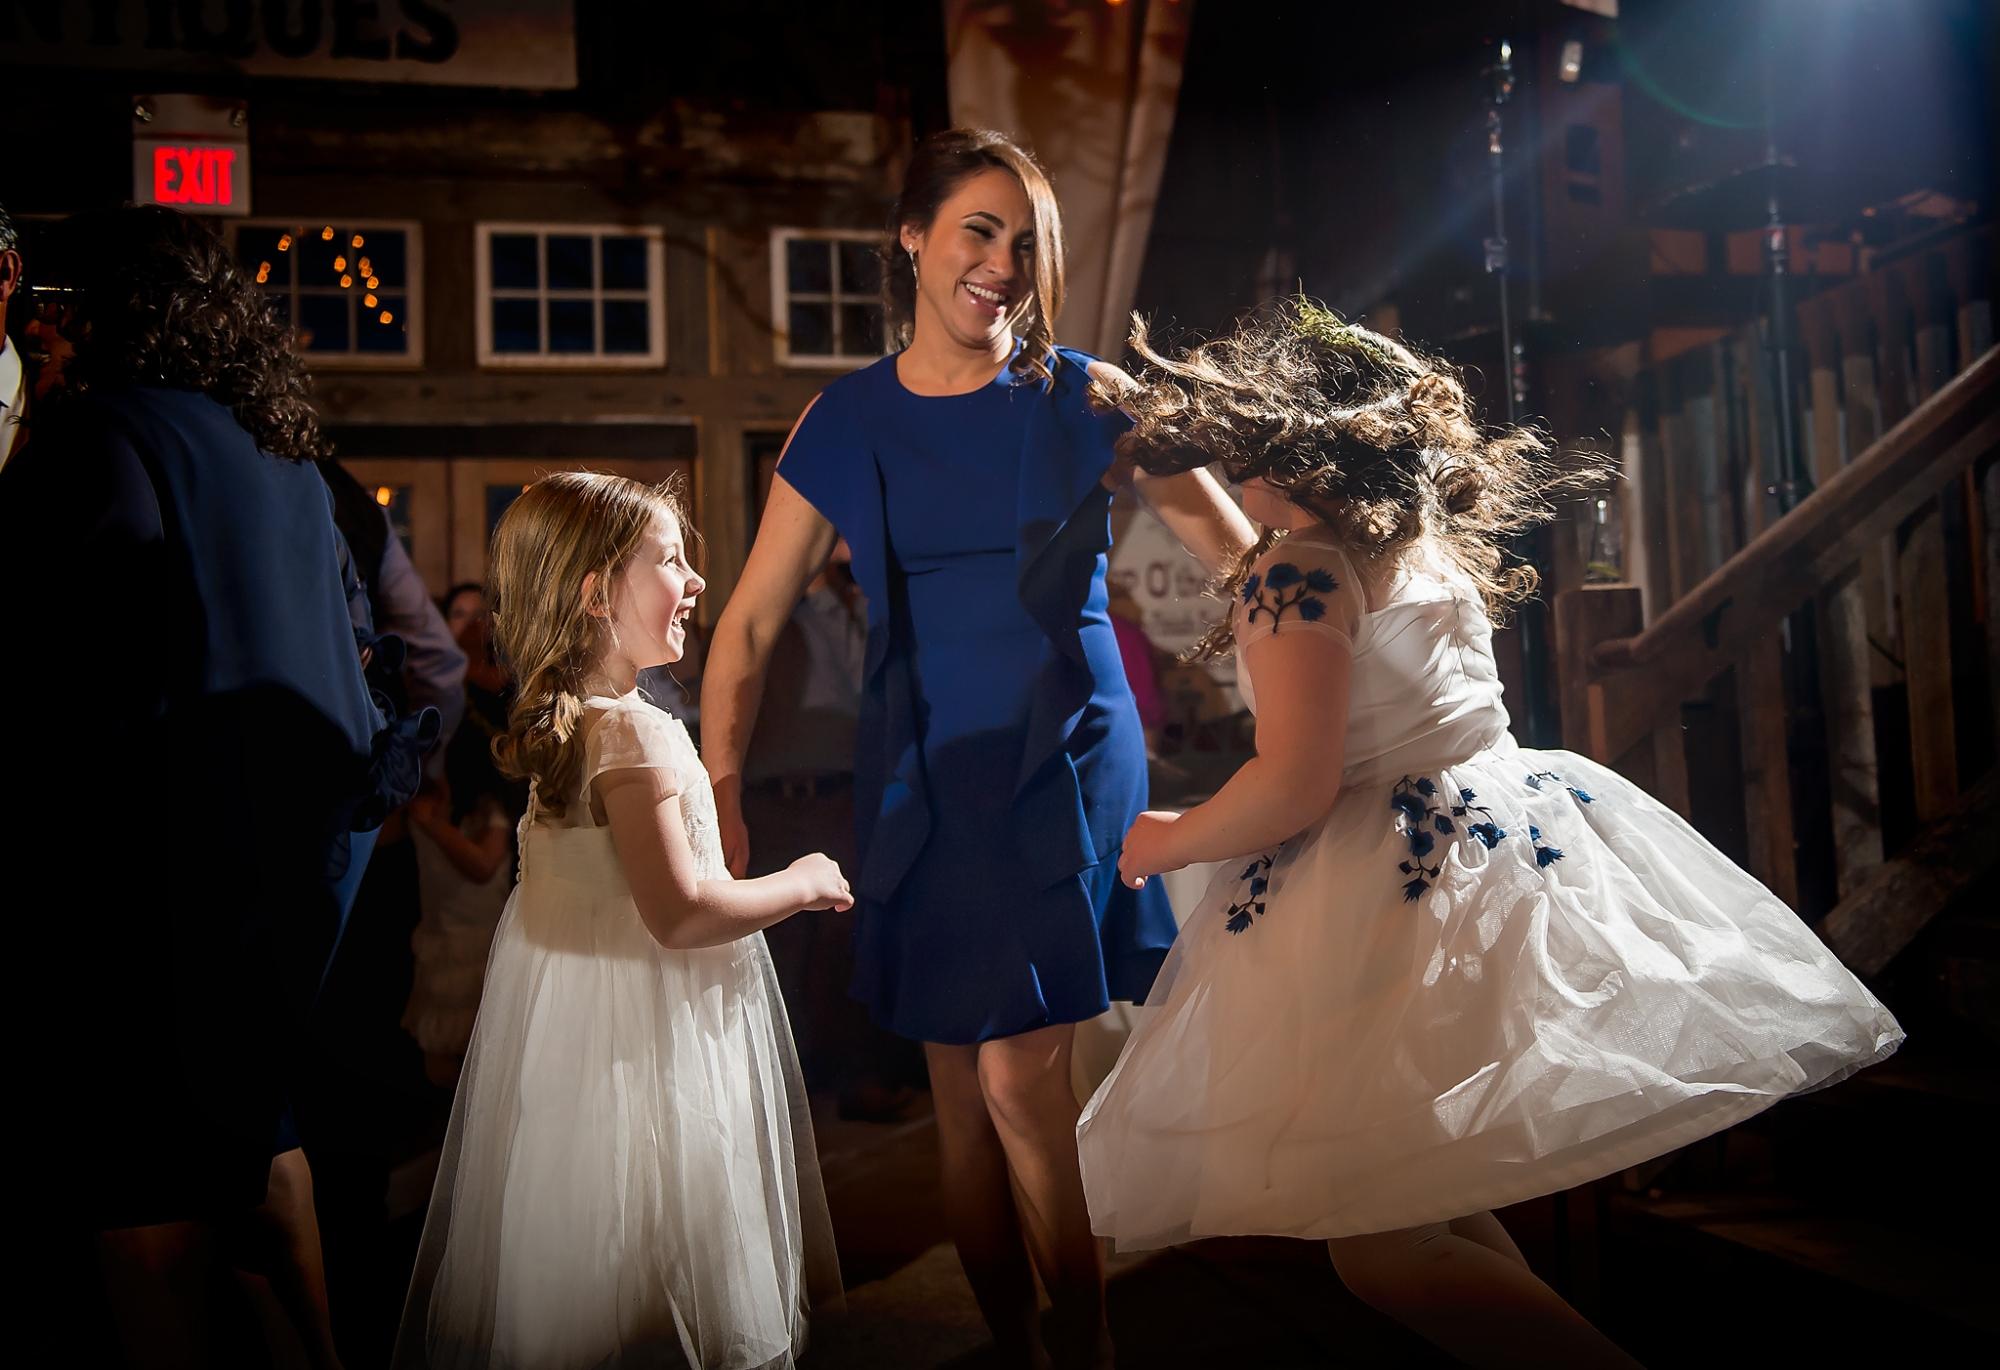 Jacks-Barn-Wedding-Photography47